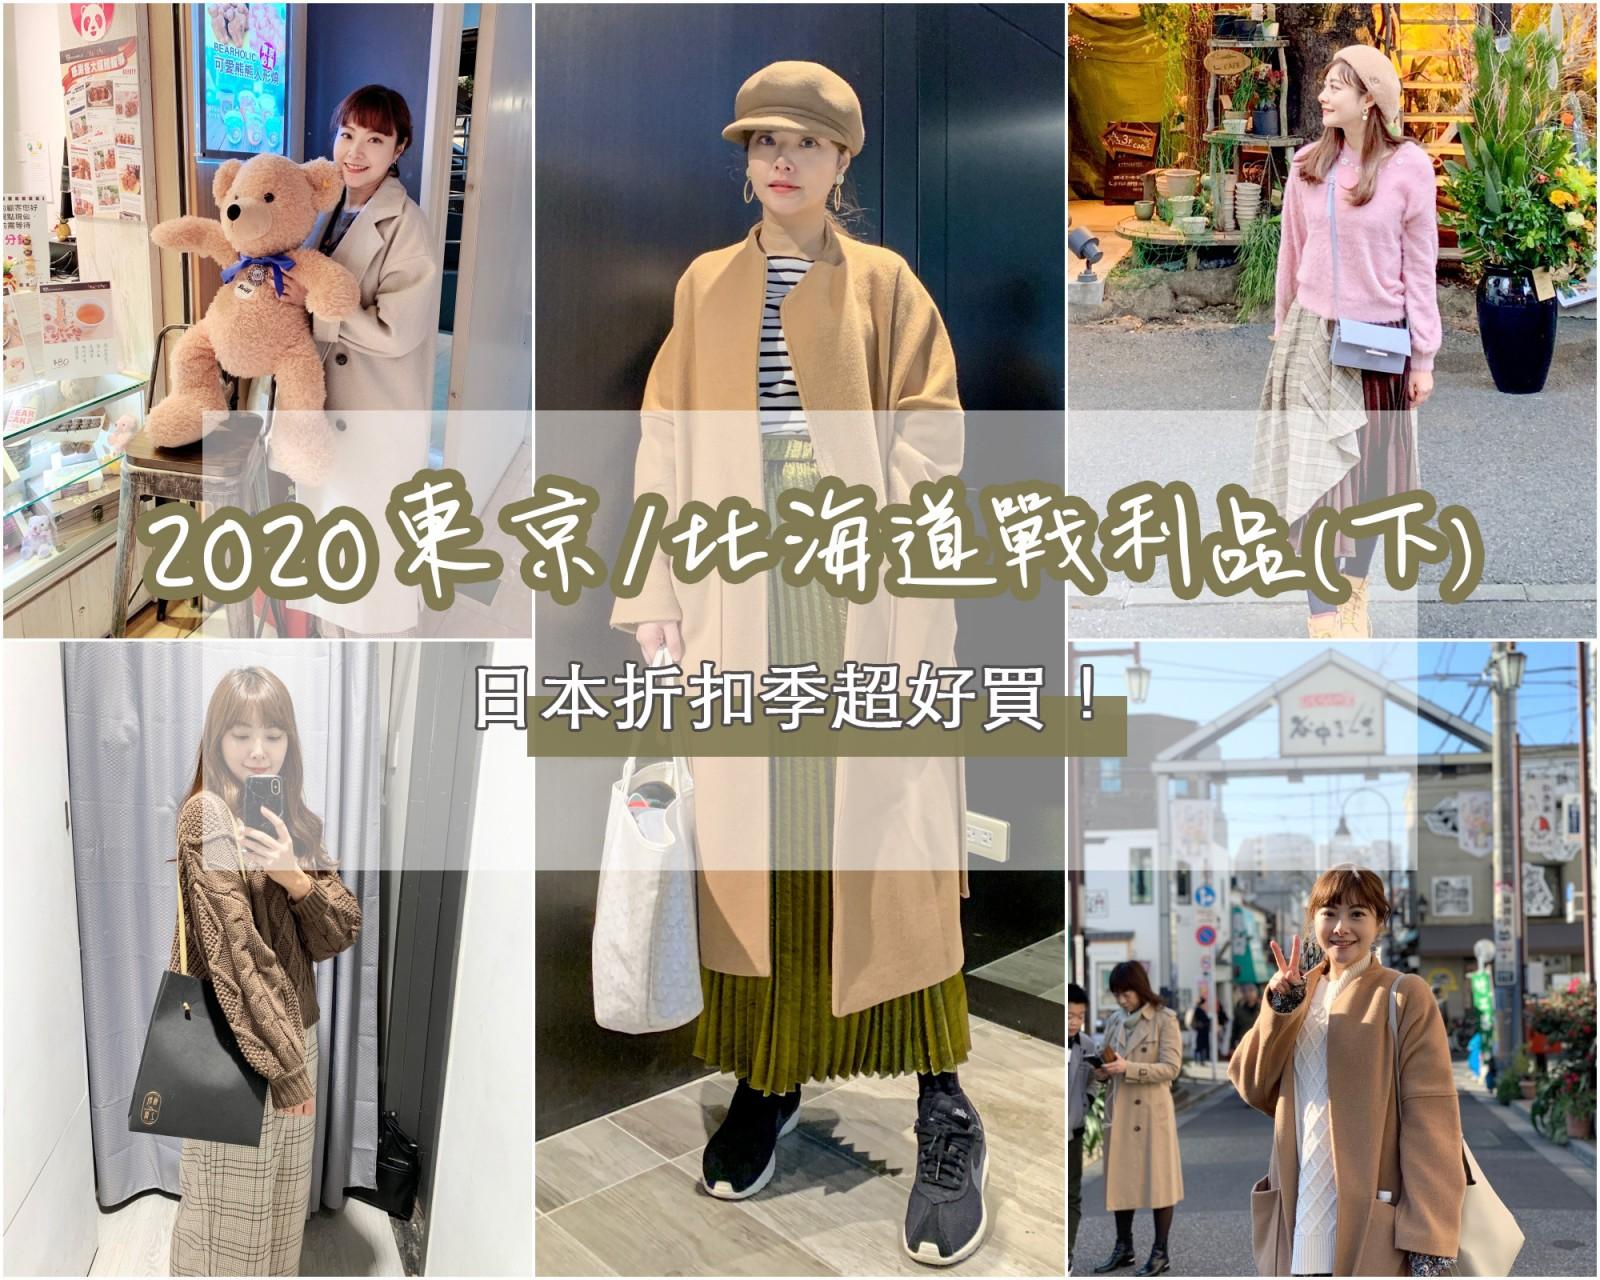 ☆【2020。東京 / 北海道】日本折扣季爆好買!(下):新年買新衣穿搭 @凱的日本食尚日記